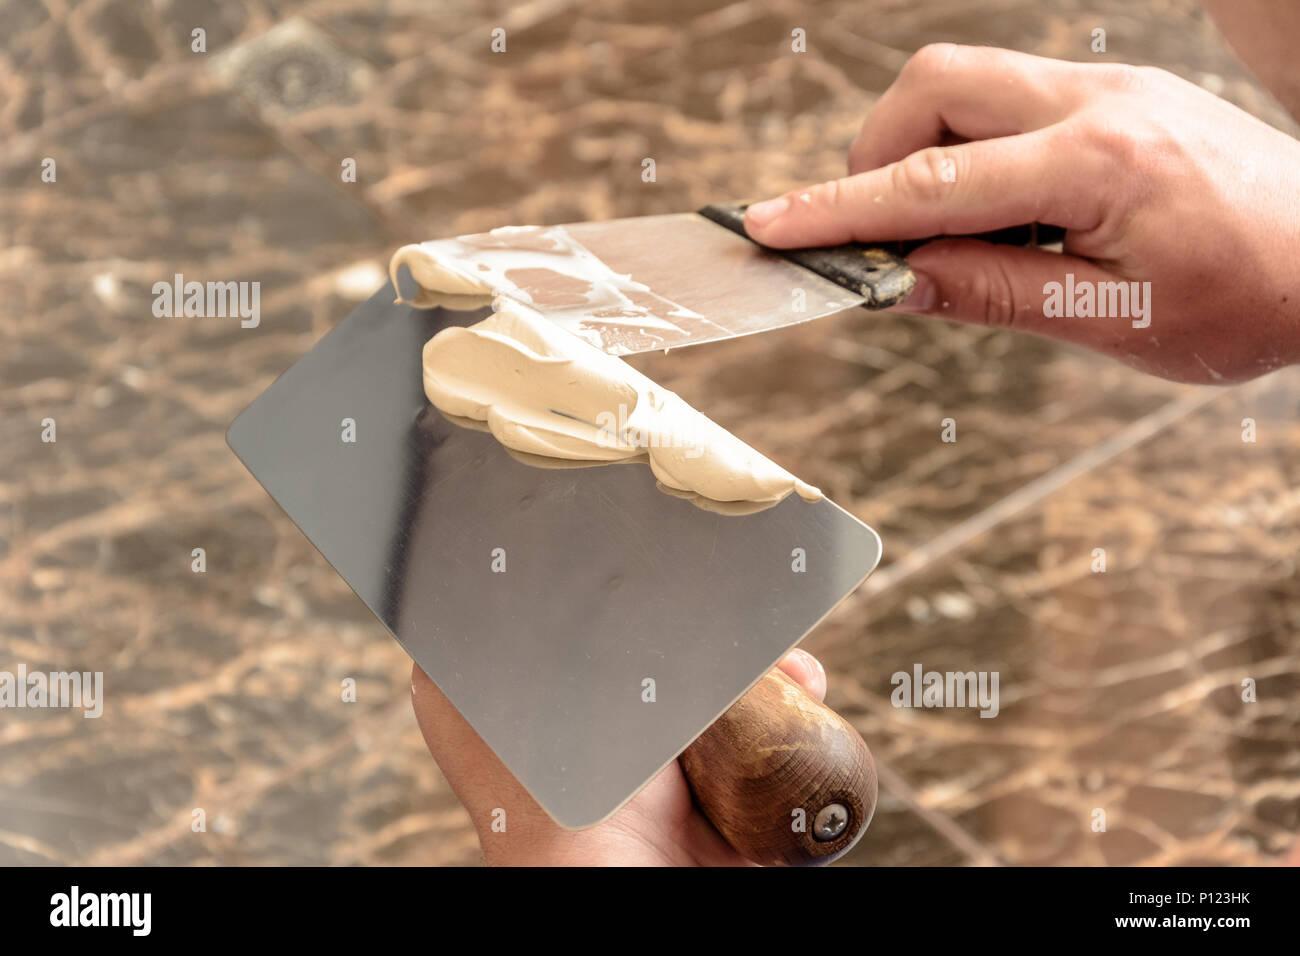 des menschen hände ein venezianischer putz auf einer speziellen